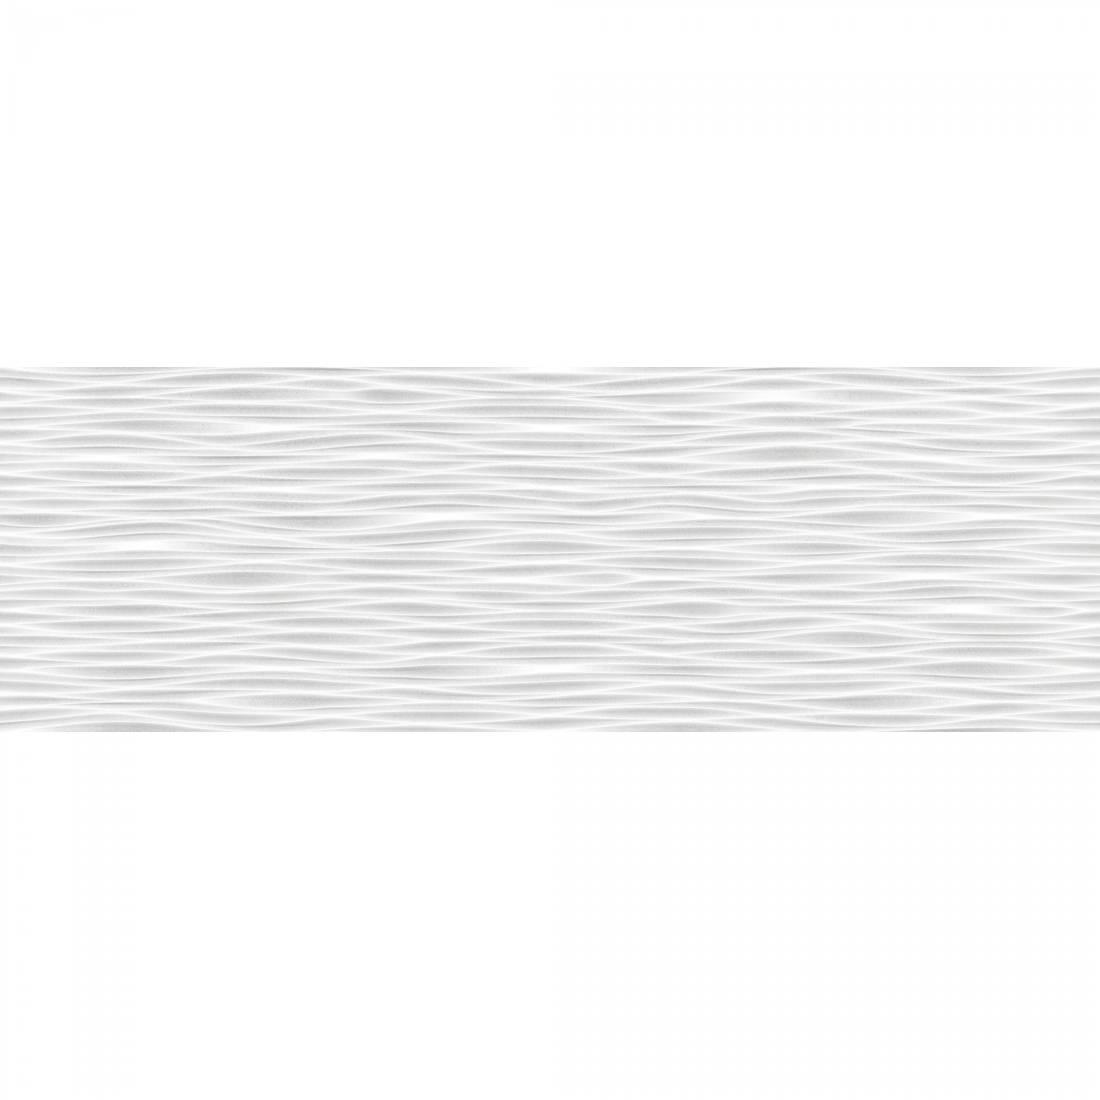 Salvia 20x60 White Matt 1